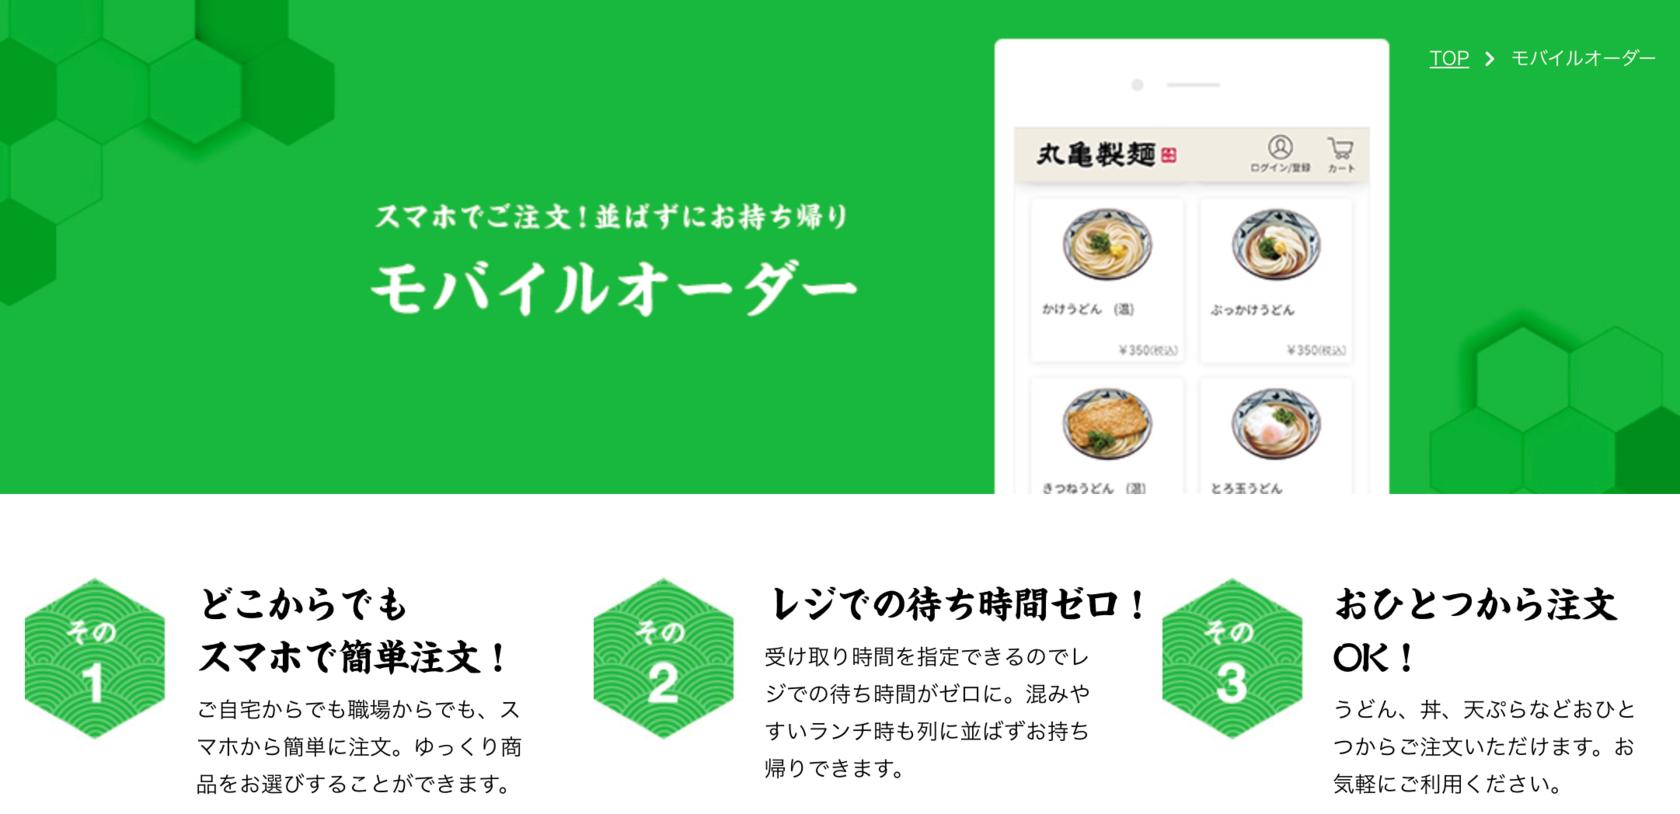 丸亀製麺公式サイト記載のモバイルオーダー(スマホ注文の持ち帰りサービス)